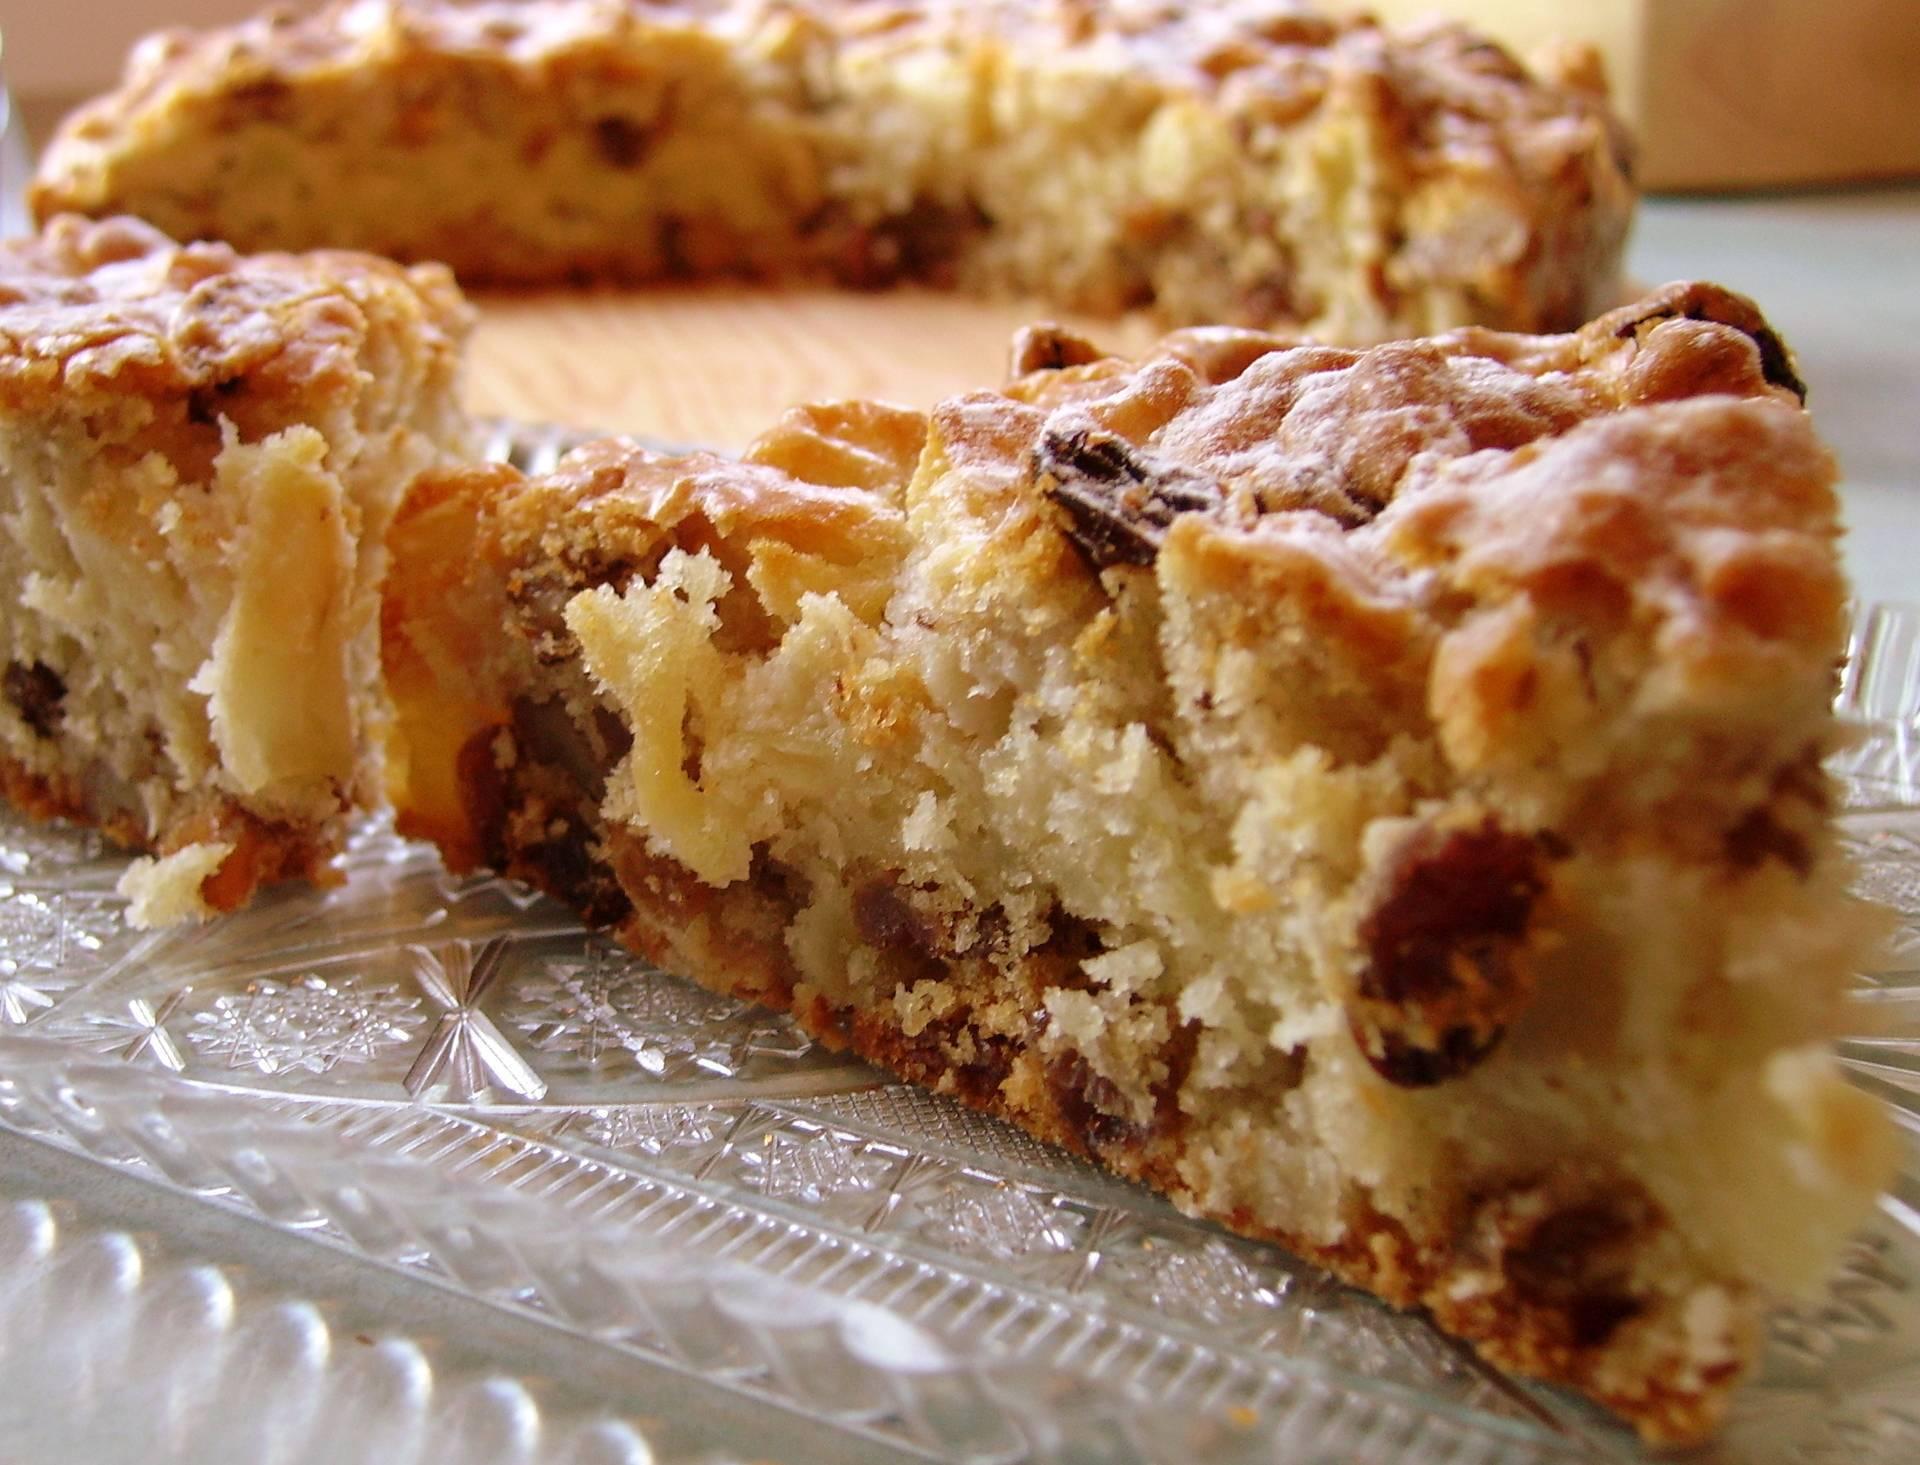 Песочный ореховый пирог с орехами изюмом и яблоками рецепт с фото пошагово - 1000.menu